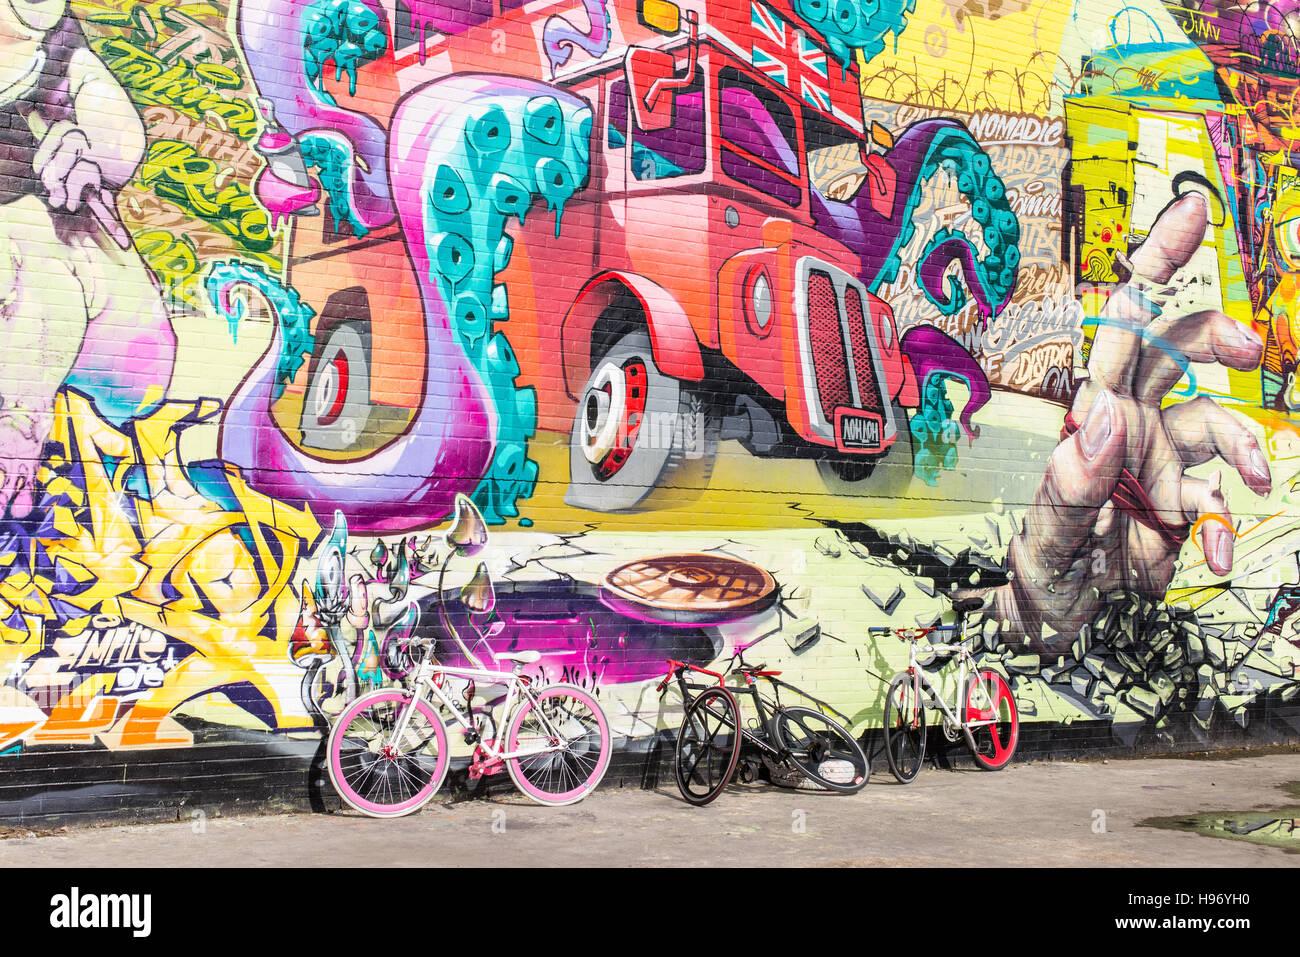 Ferrari Wall Mural Big Wall With Huge Mural Graffiti In The Nomadic Community